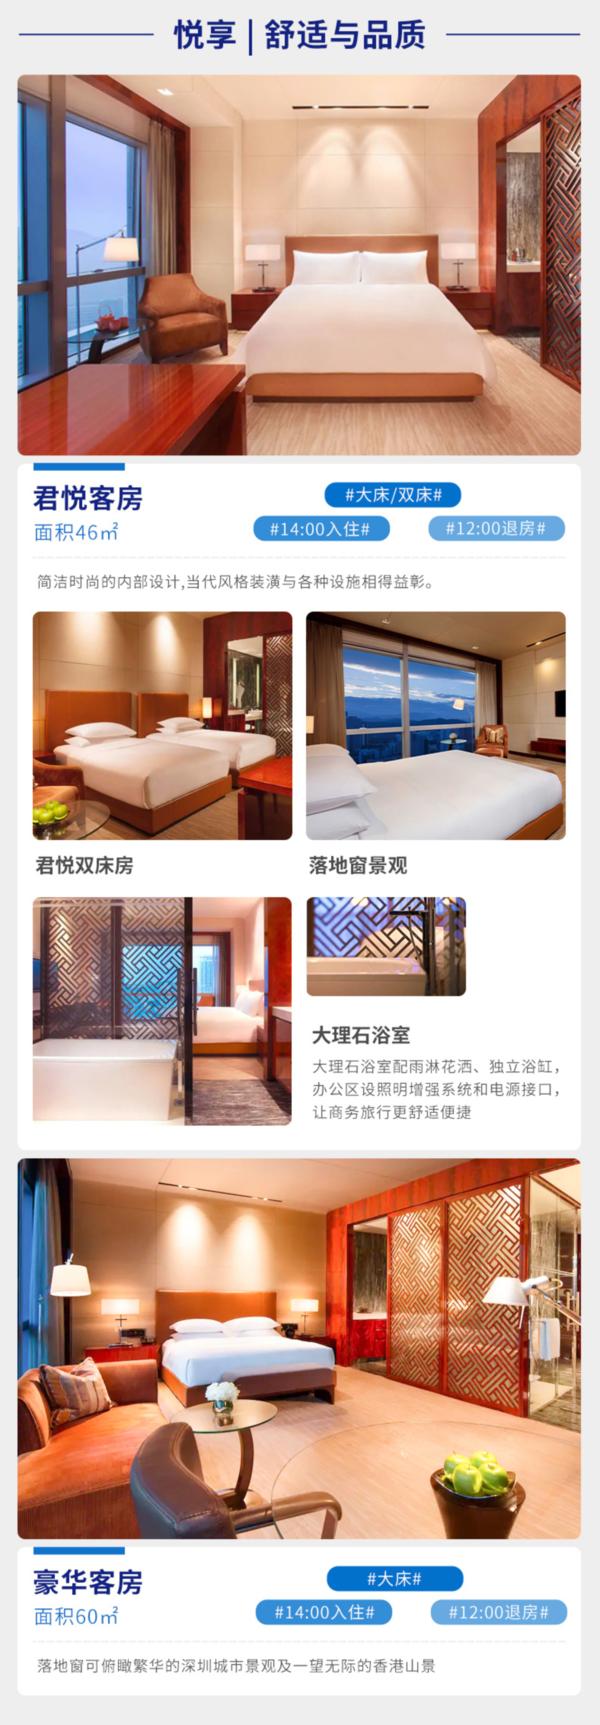 深圳君悦酒店1-2晚套餐(含双早+晚餐)